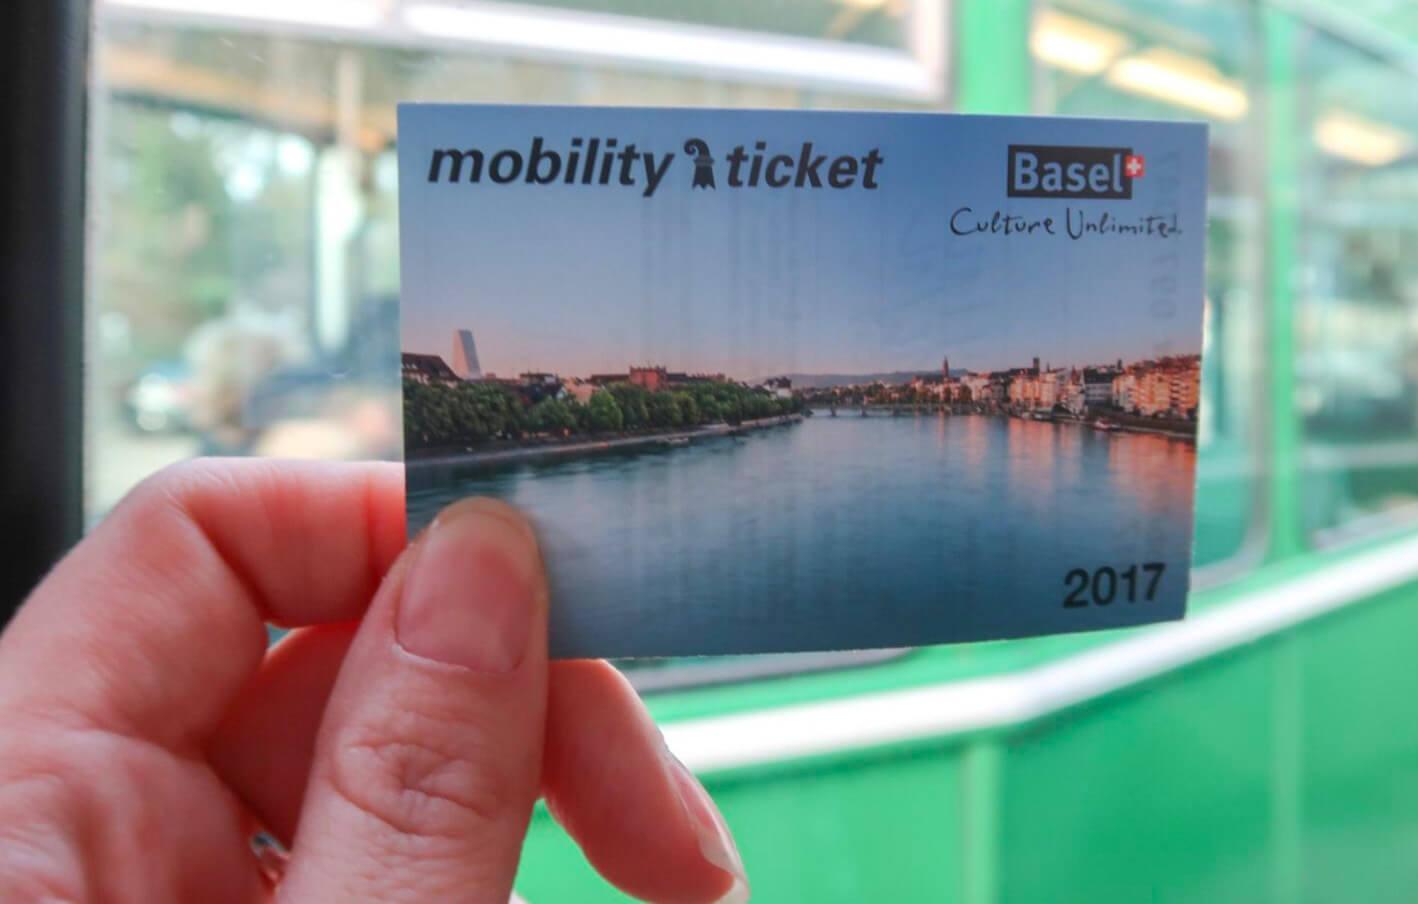 Карта бесплатного пользования общественным транспортом - Mobility Ticket